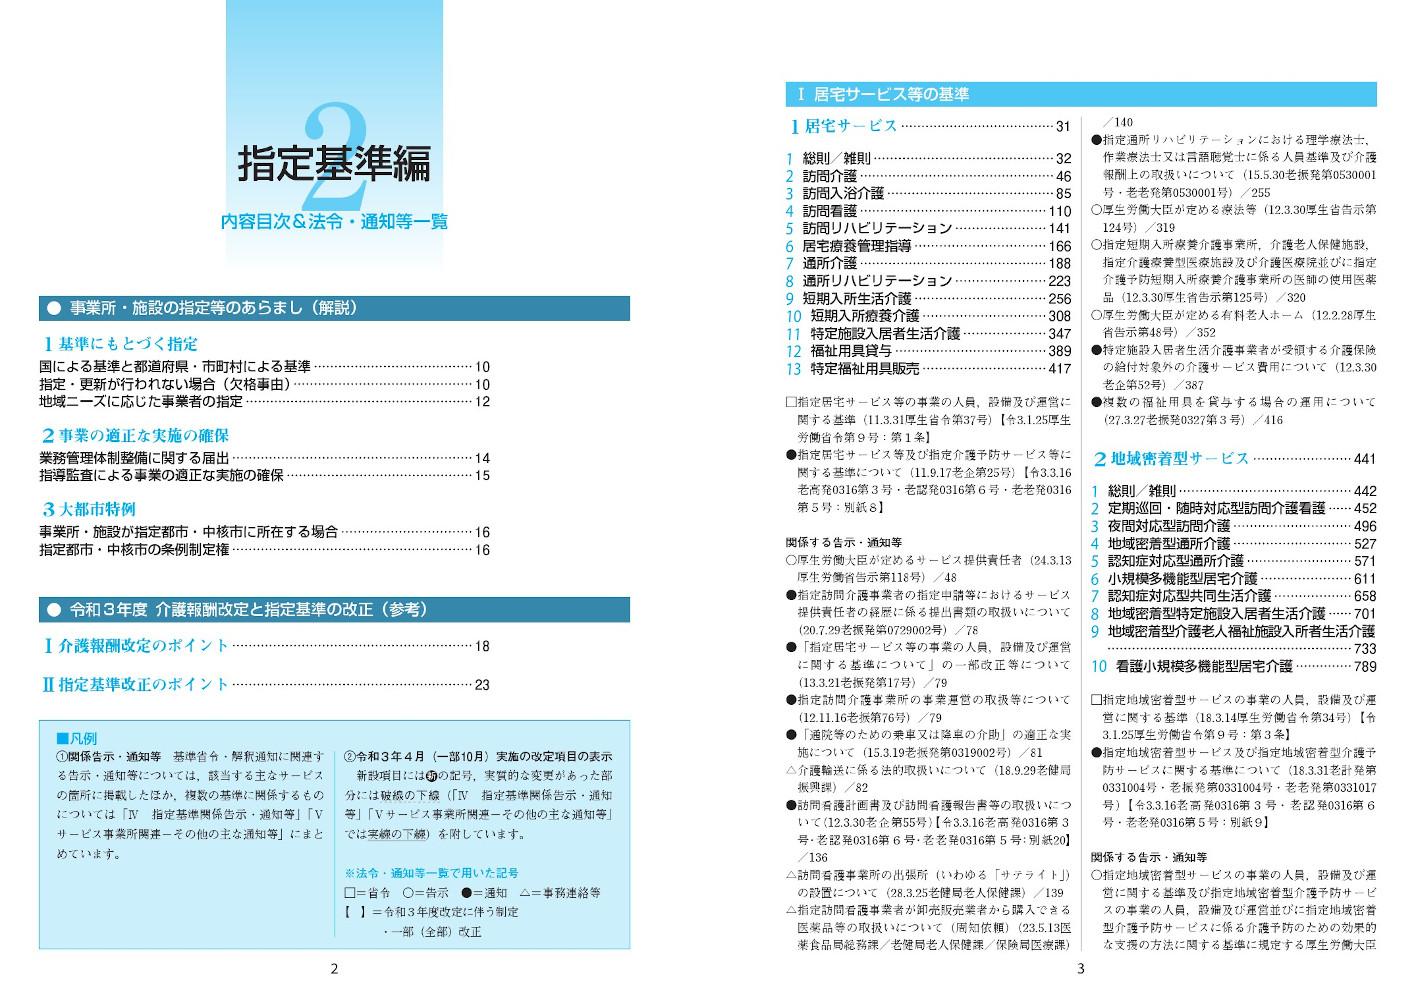 介護報酬の解釈 2 指定基準編 令和3年4月版